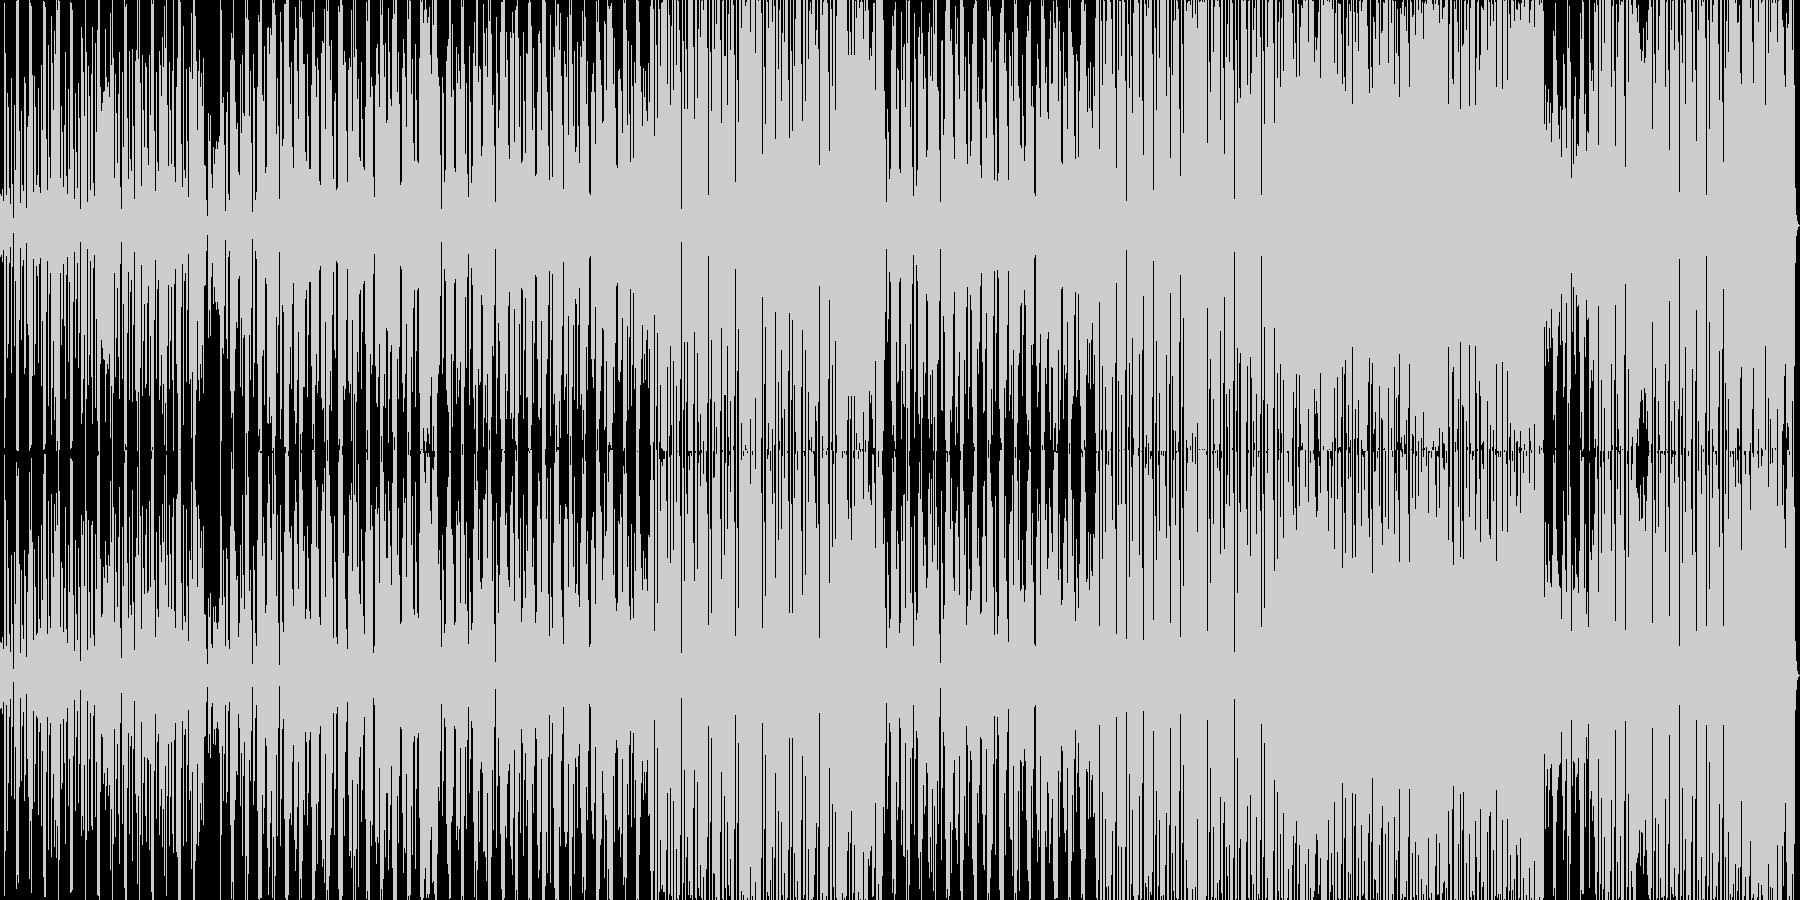 タンゴ風のテクノポップの未再生の波形